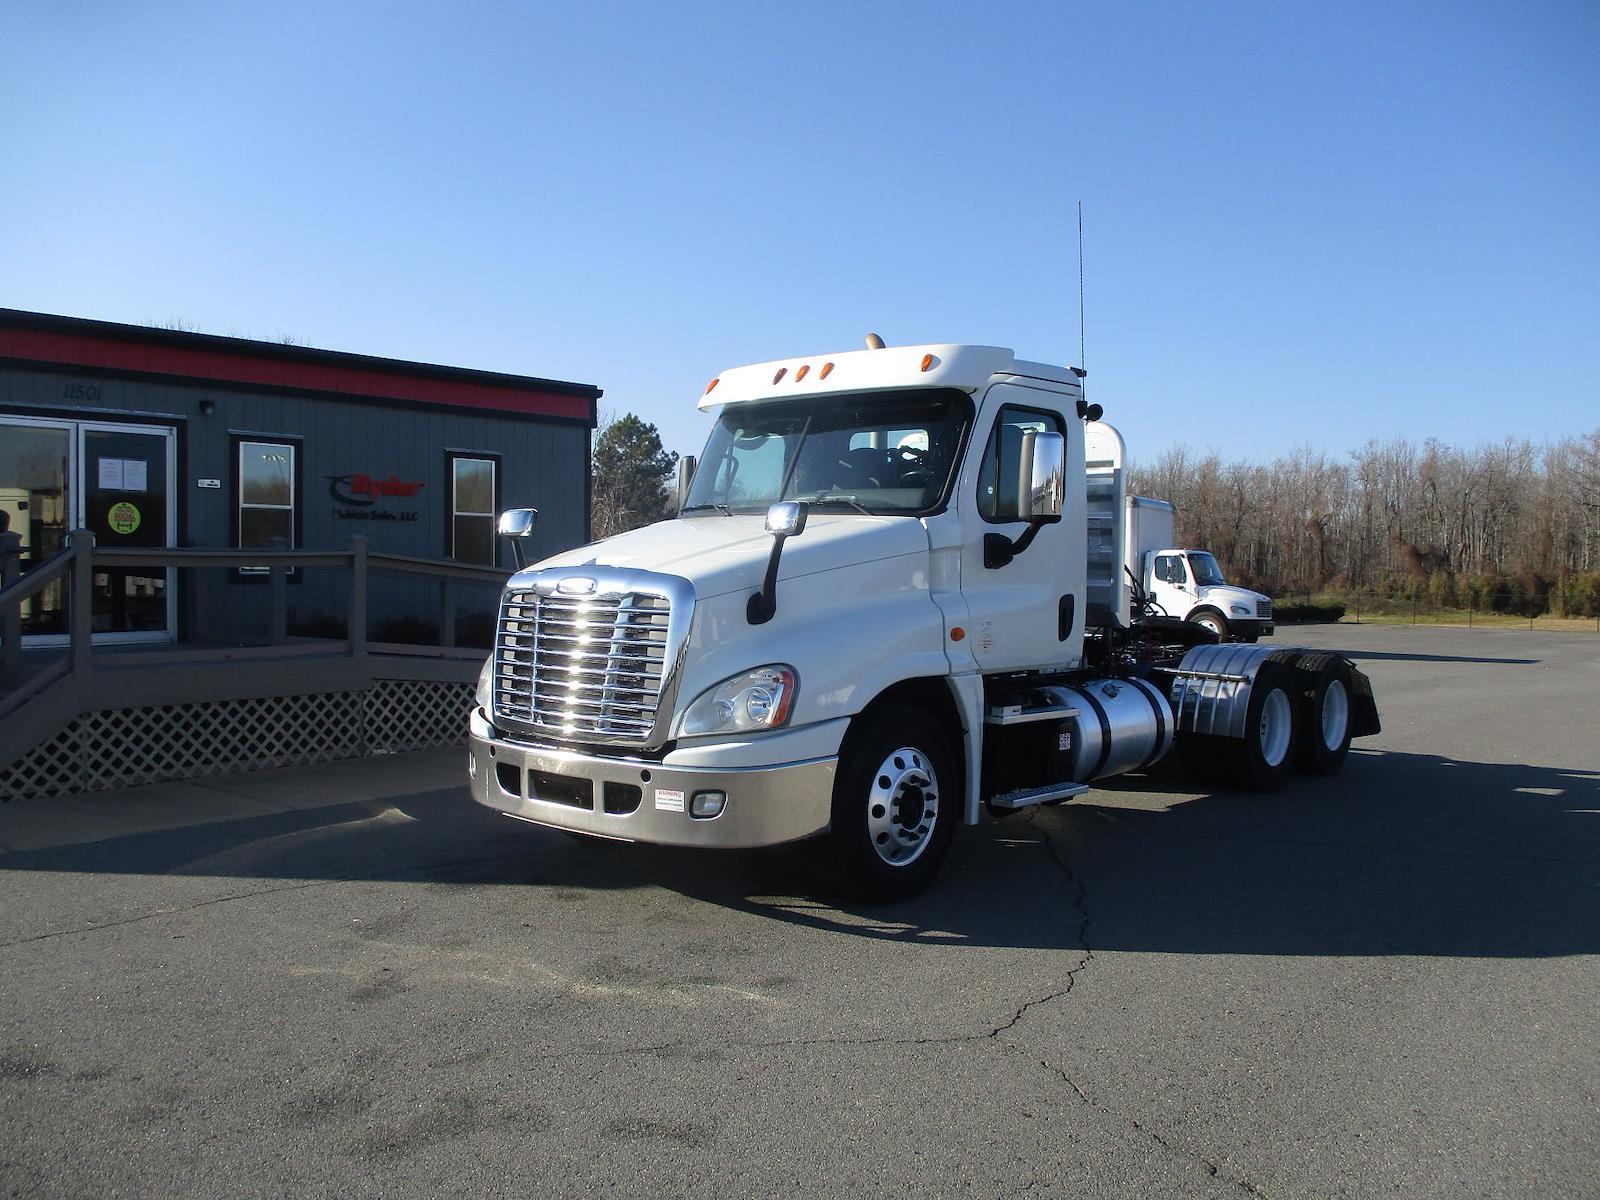 2014 Freightliner Truck 6x4, Tractor #545594 - photo 1